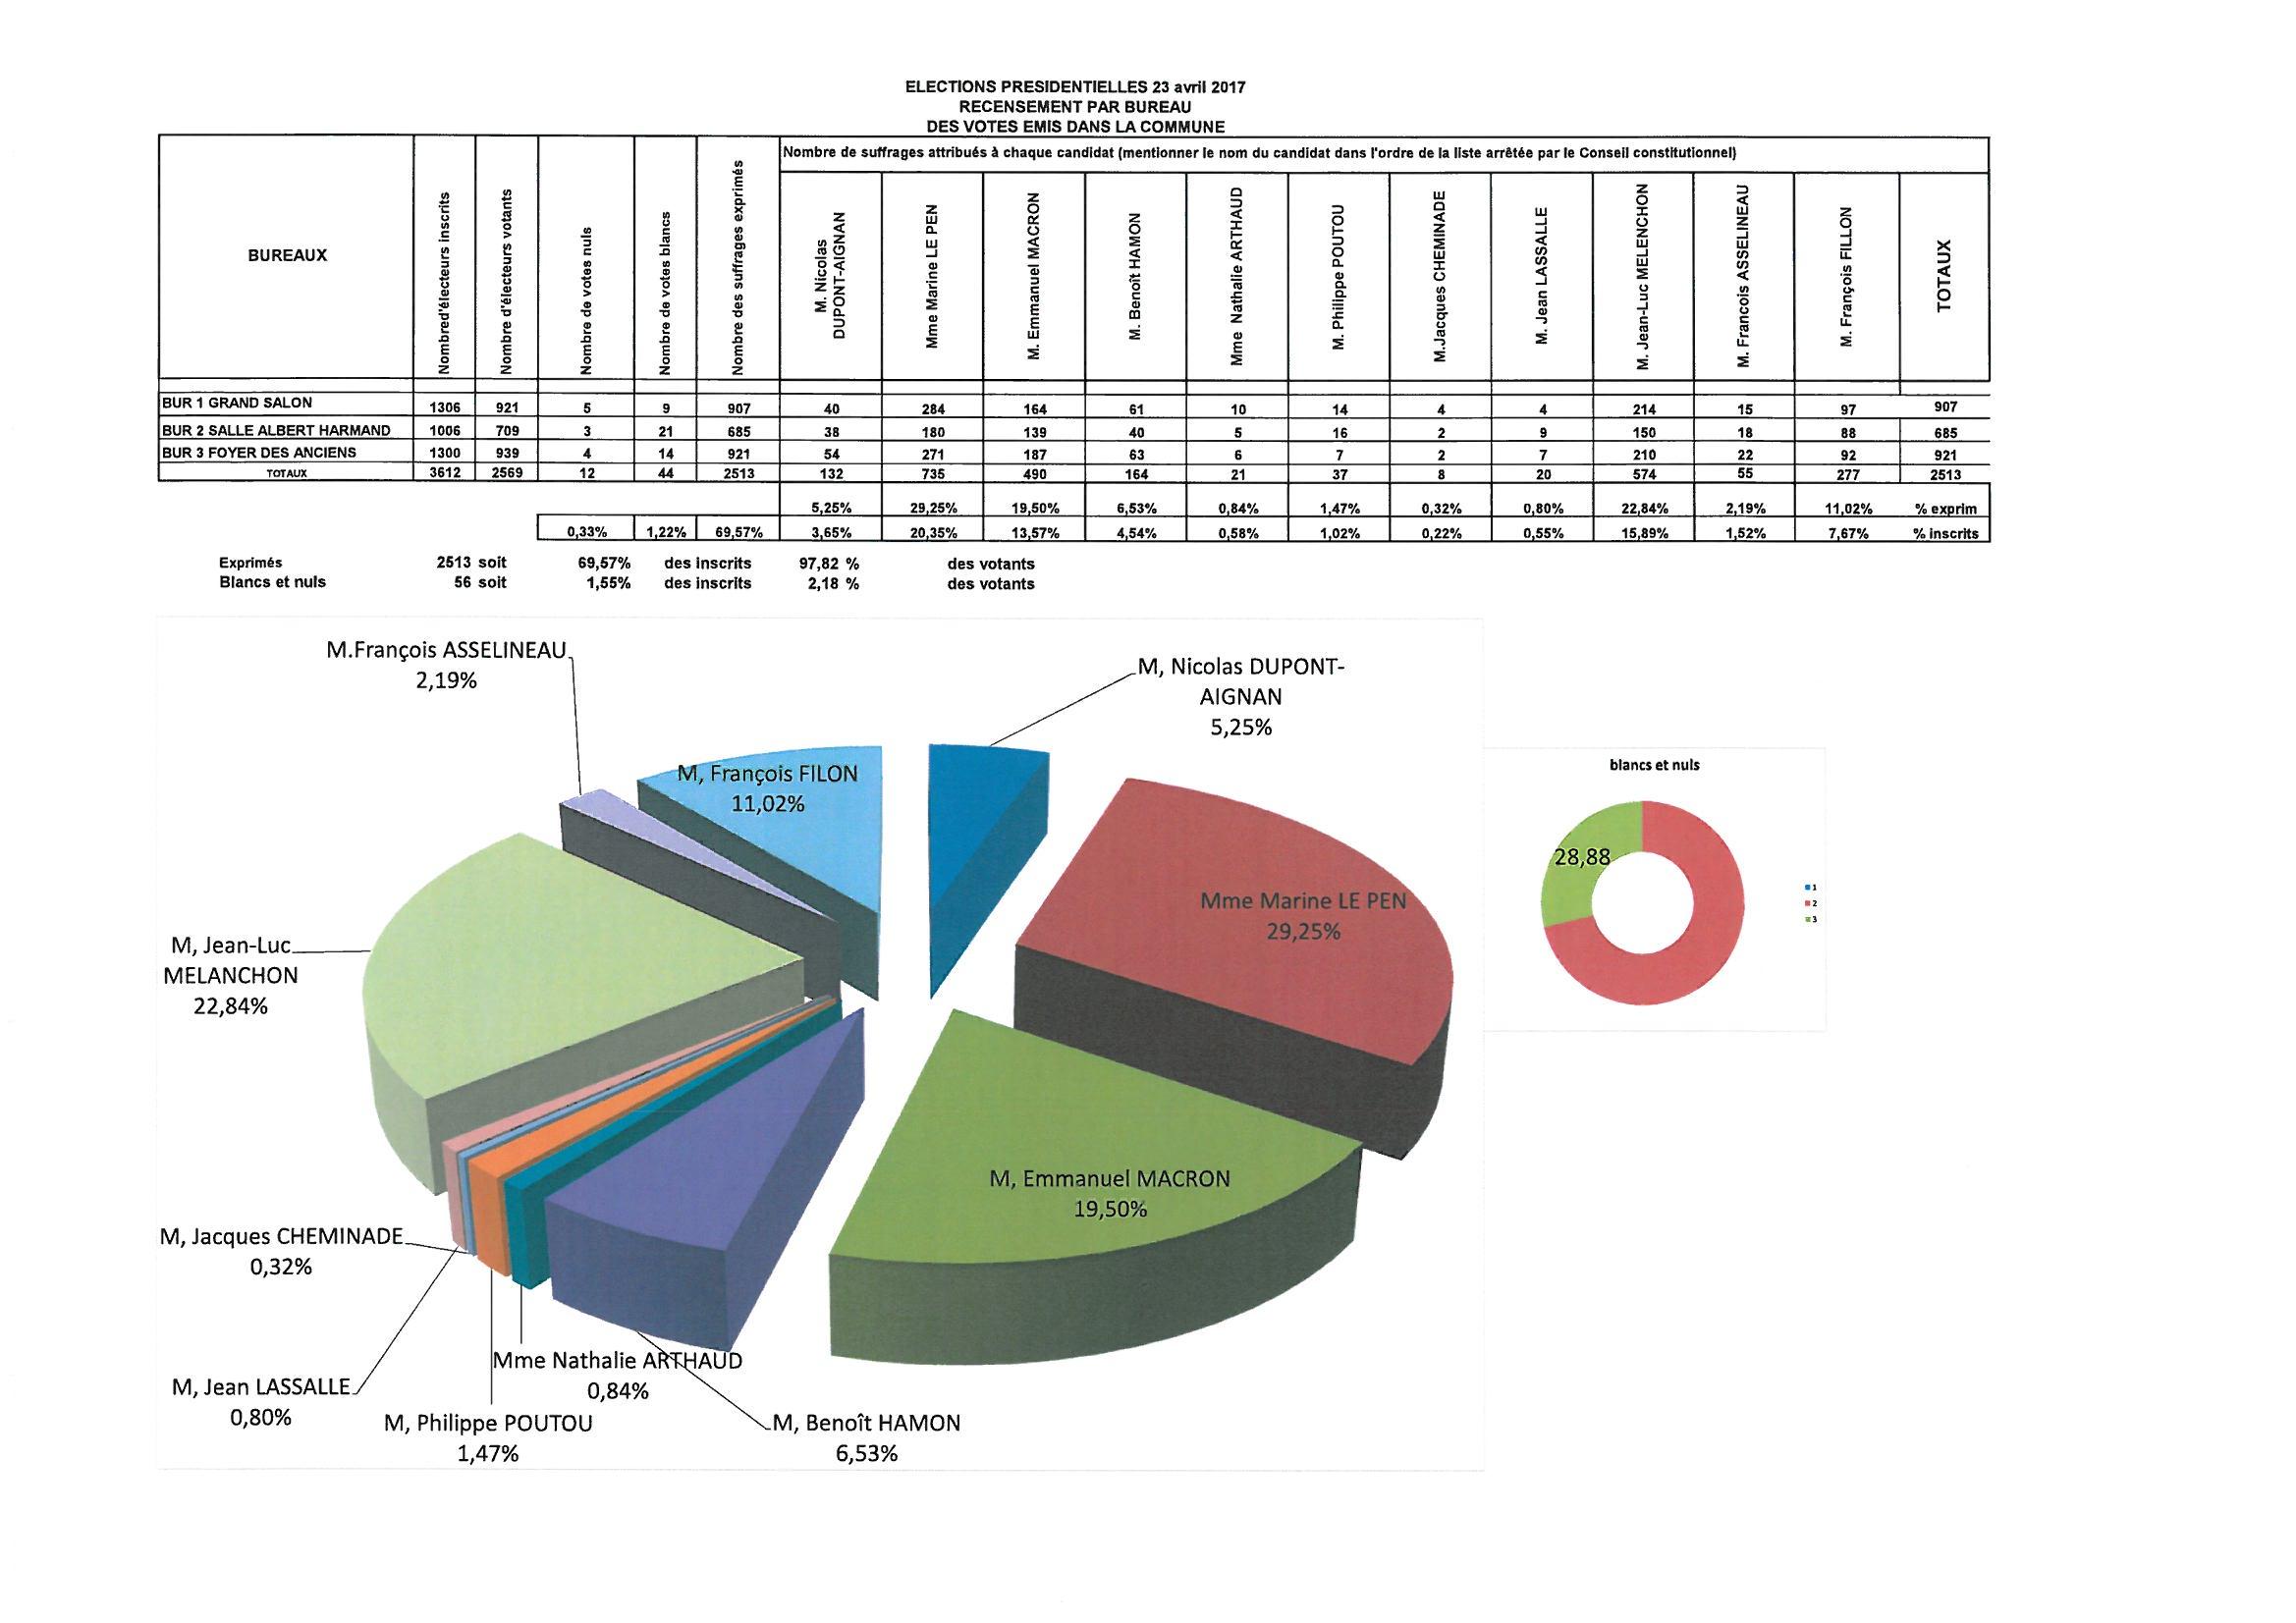 ELECTION PRESIDENTIELLE du 23 avril - recensement par bureau des votes émis dans la  commune d'ARS SUR MOSELLE